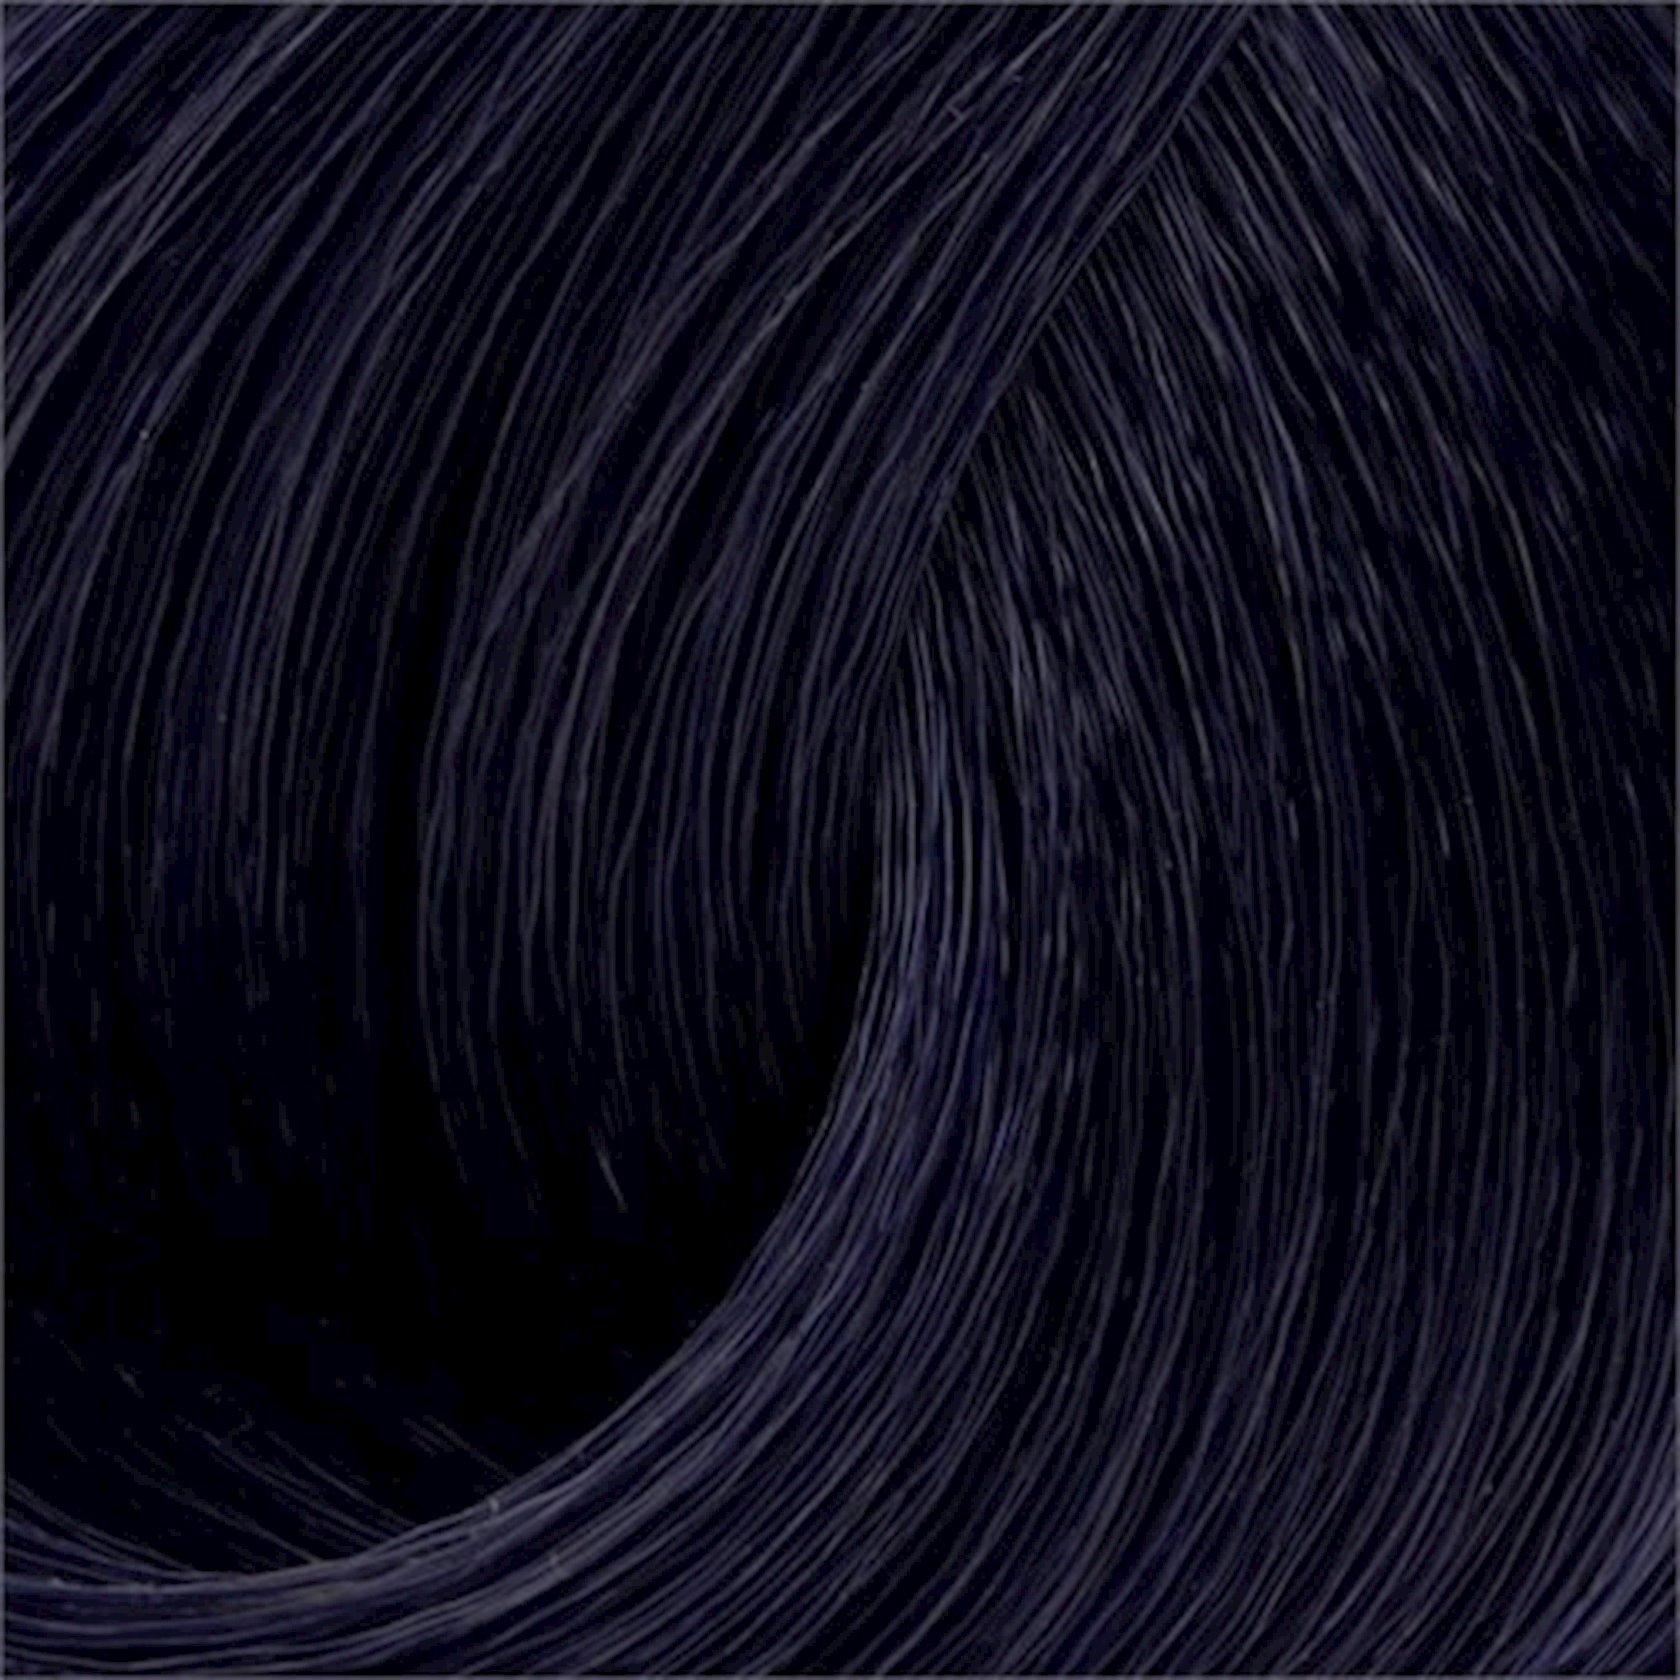 Saç üçün qalıcı krem boya Exicolor Permanent Hair Color Cream 100 ml №1.1 Mavi Siyah, Göy-qara